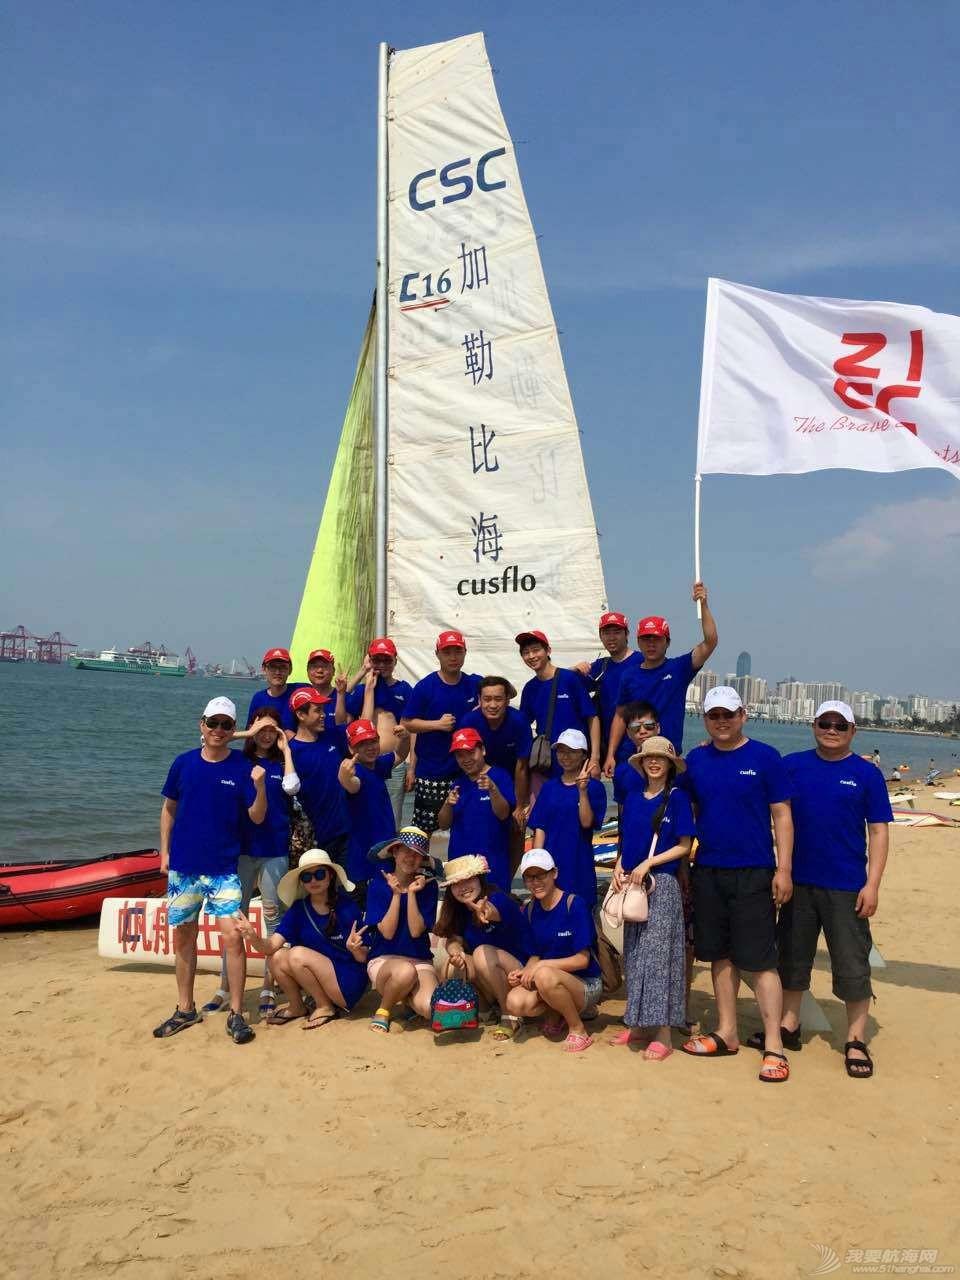 俱乐部,海口,帆板,帆船 海口玩海人帆船帆板运动俱乐部 海边.jpg